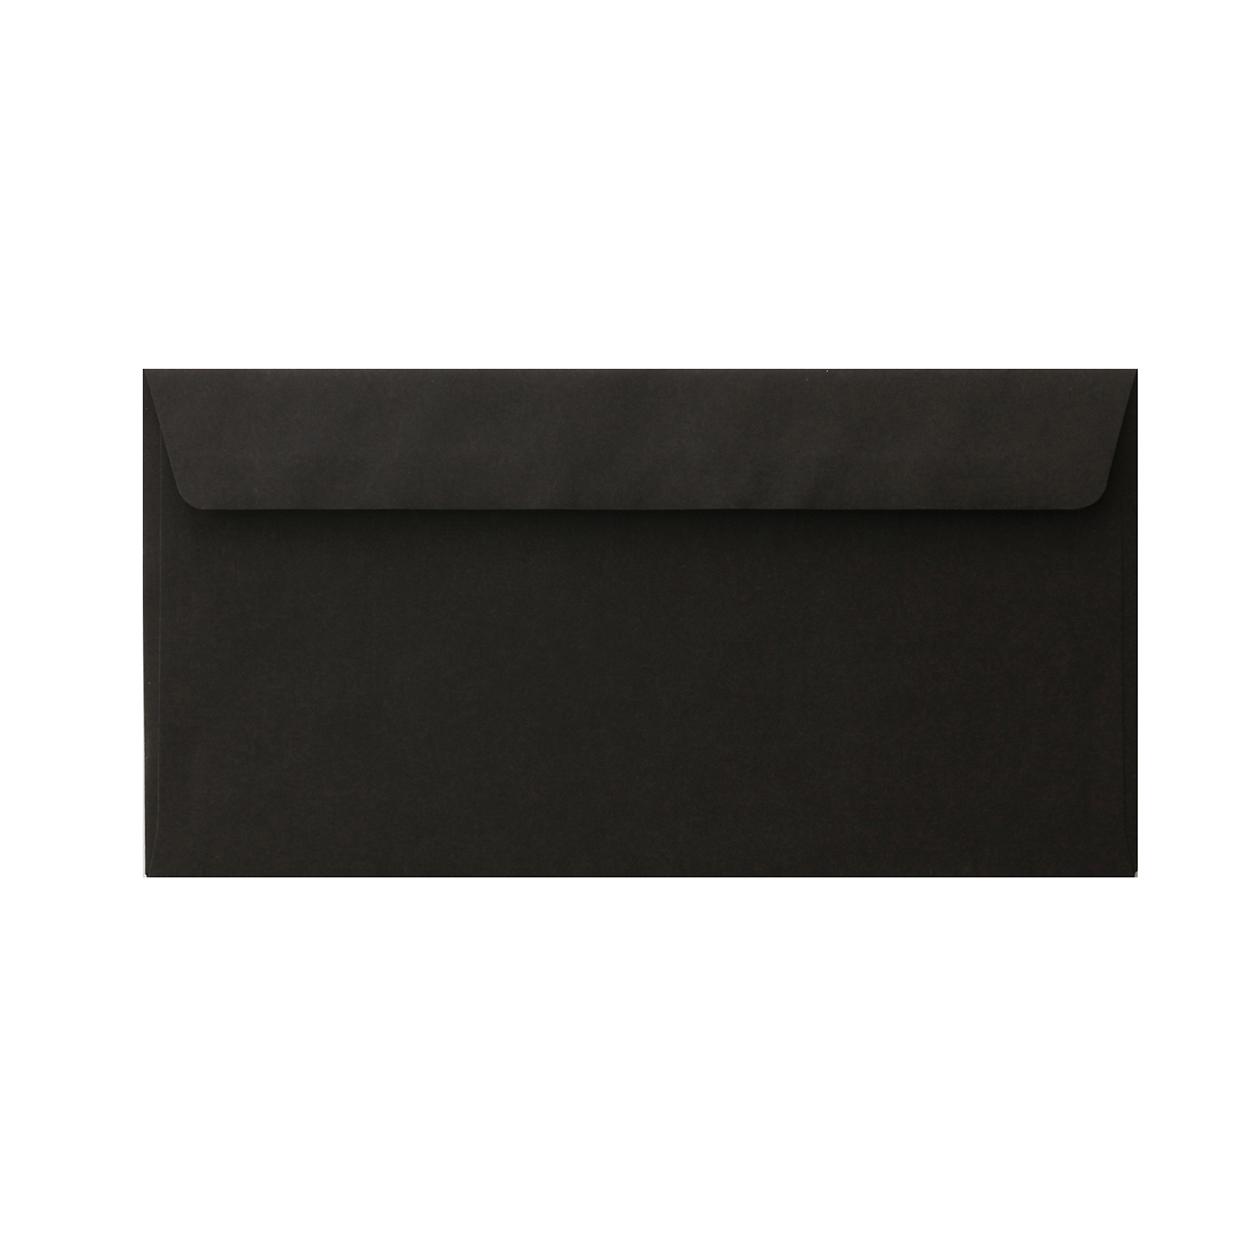 長3カマス34封筒 コニーカラー ブラック 85g